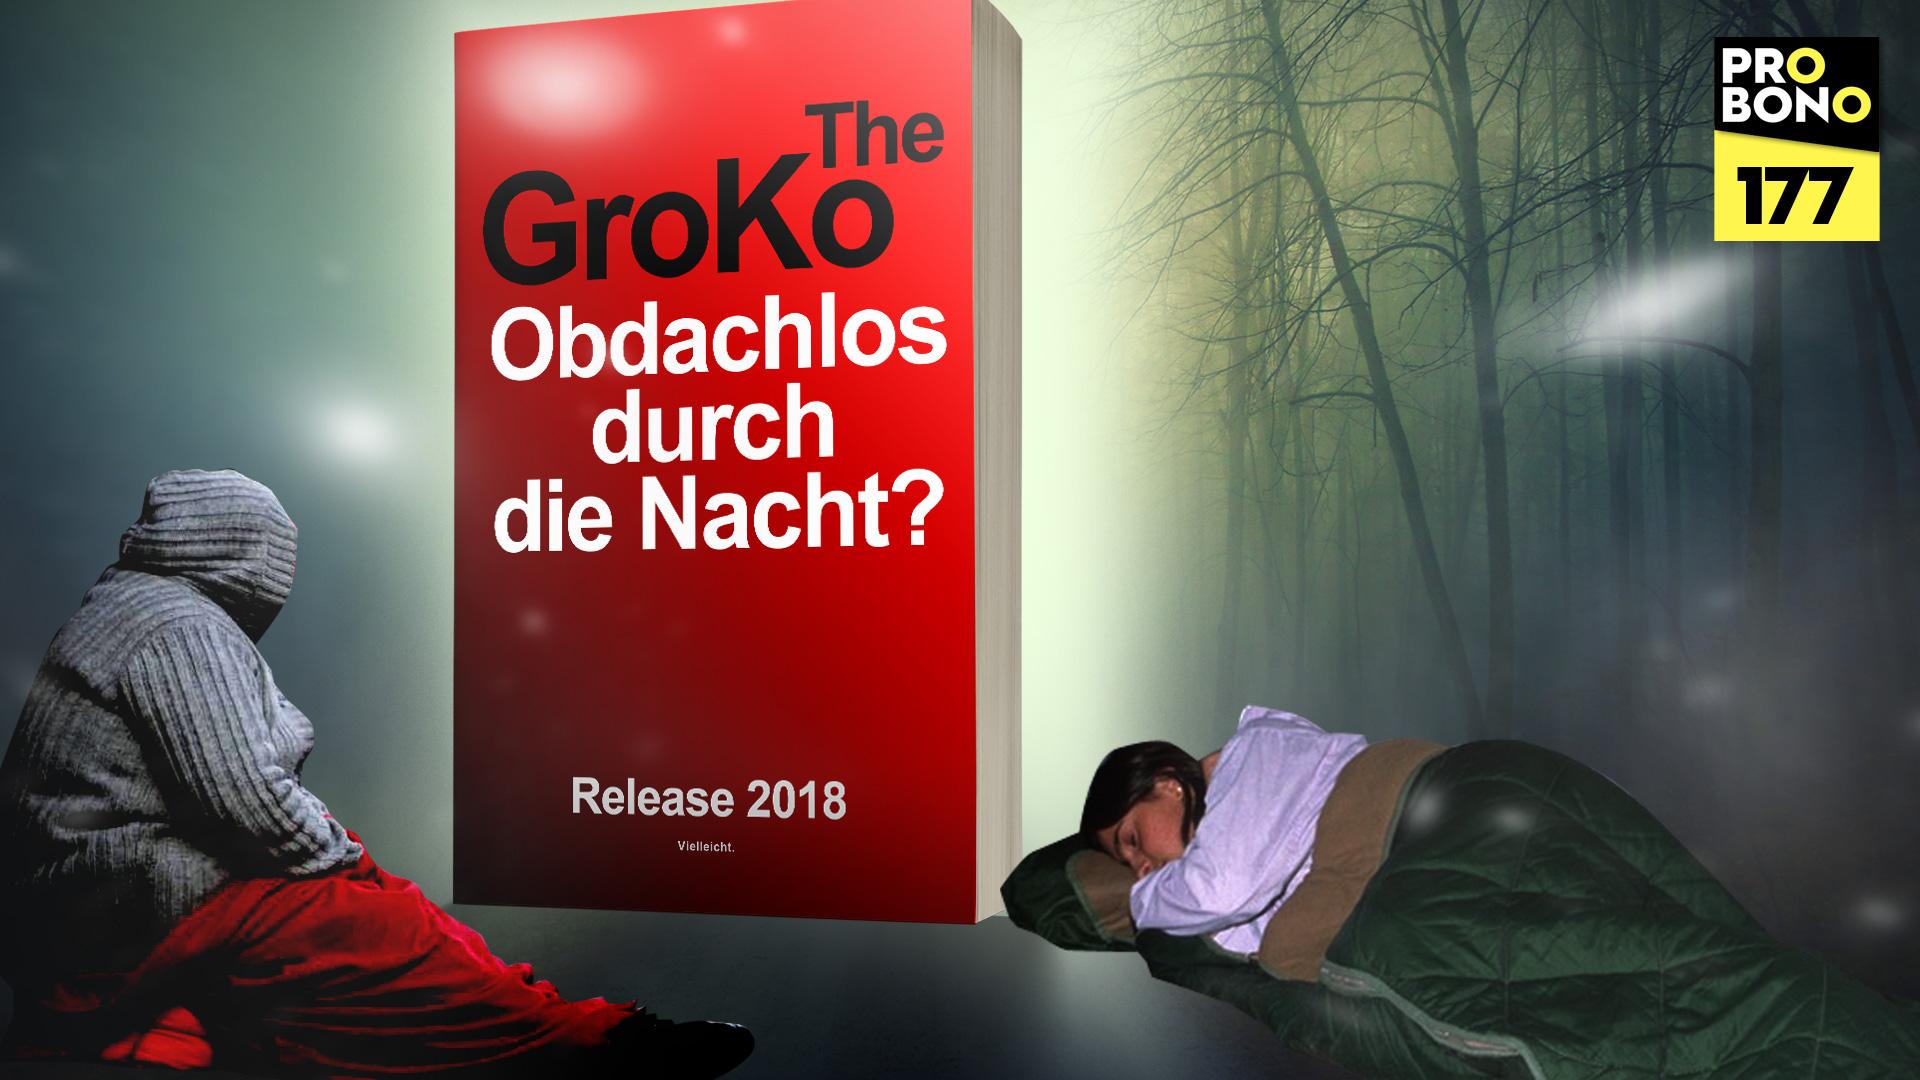 Obdachlos durch die Nacht (probono Magazin)